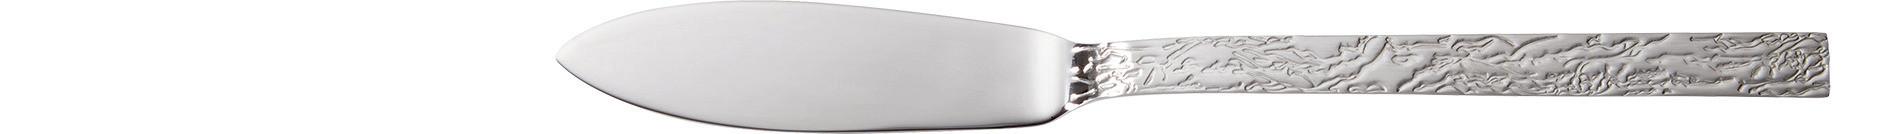 Inka, Fischmesser 222 mm